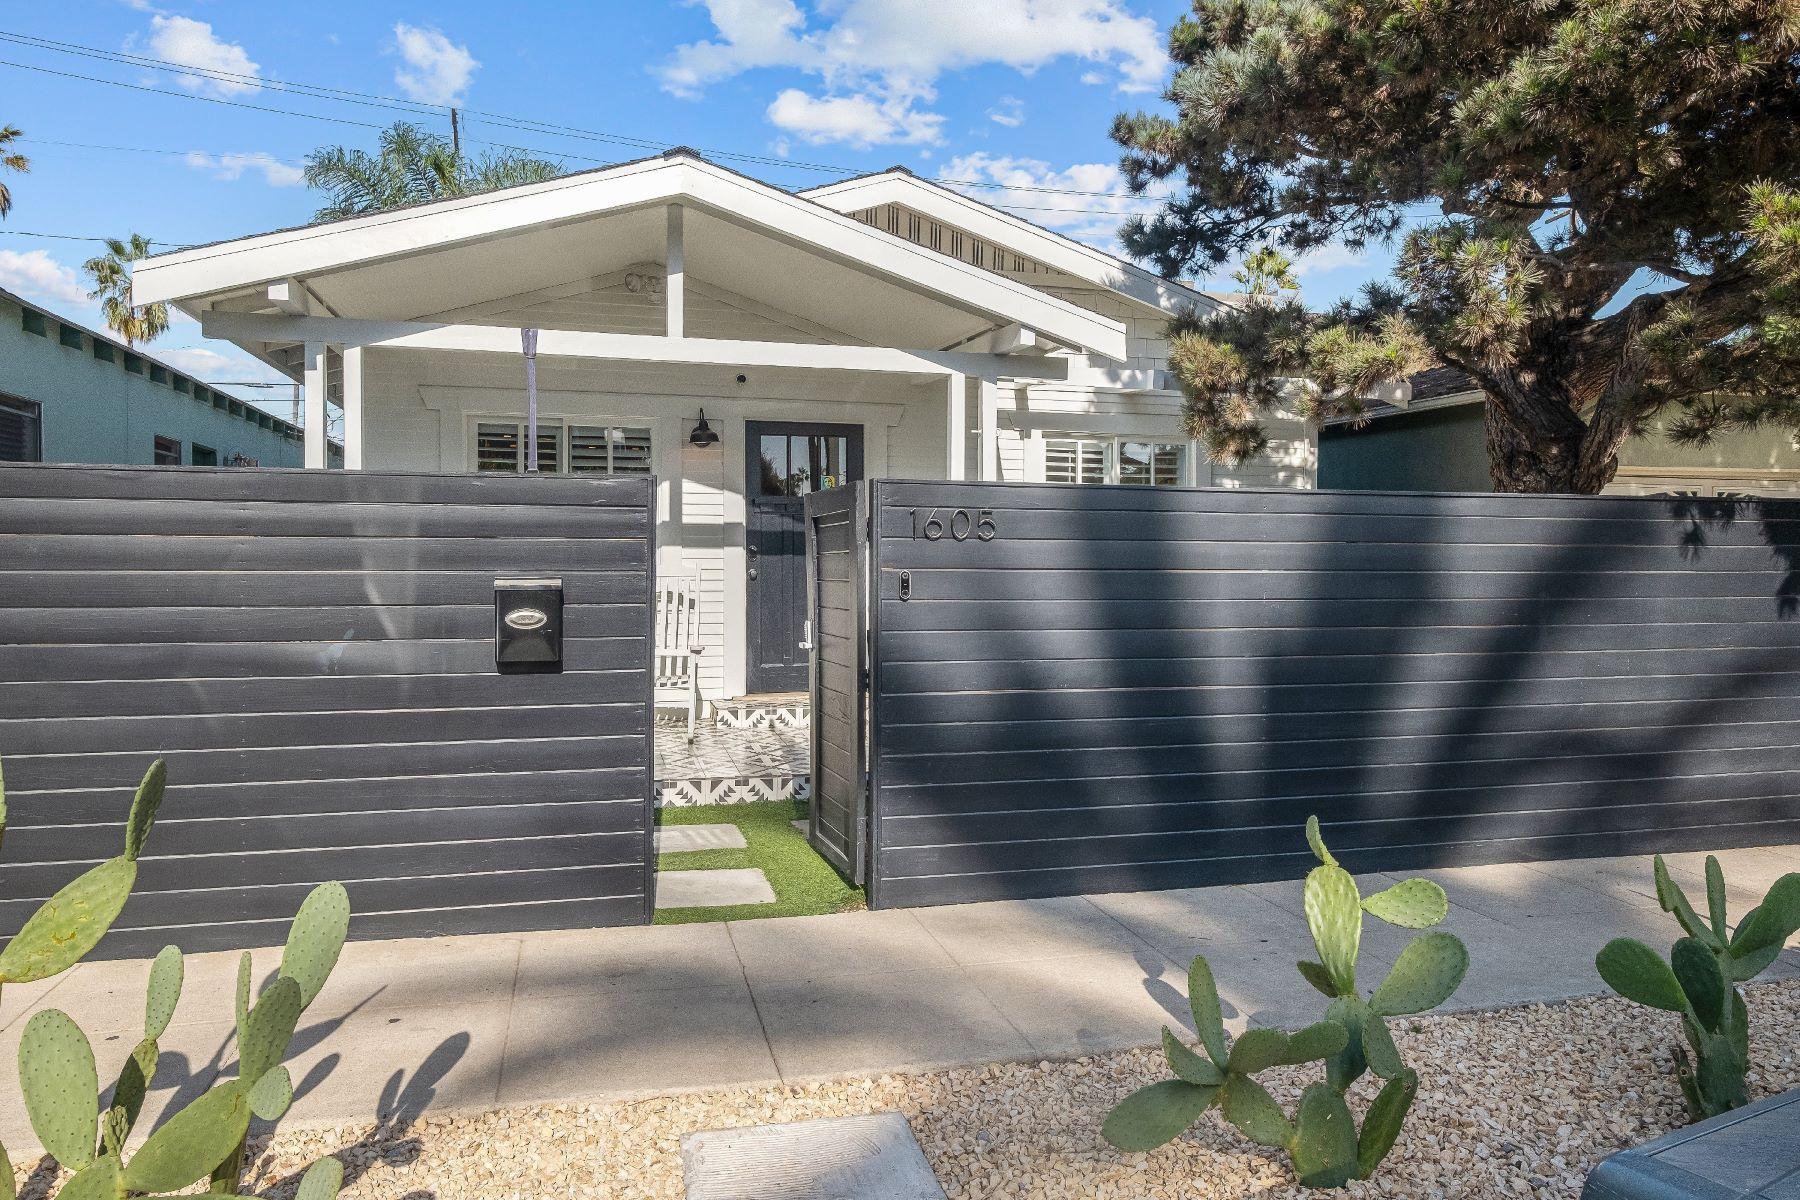 Single Family Homes for Sale at 1605 Cabrillo Avenue Venice, California 90291 United States